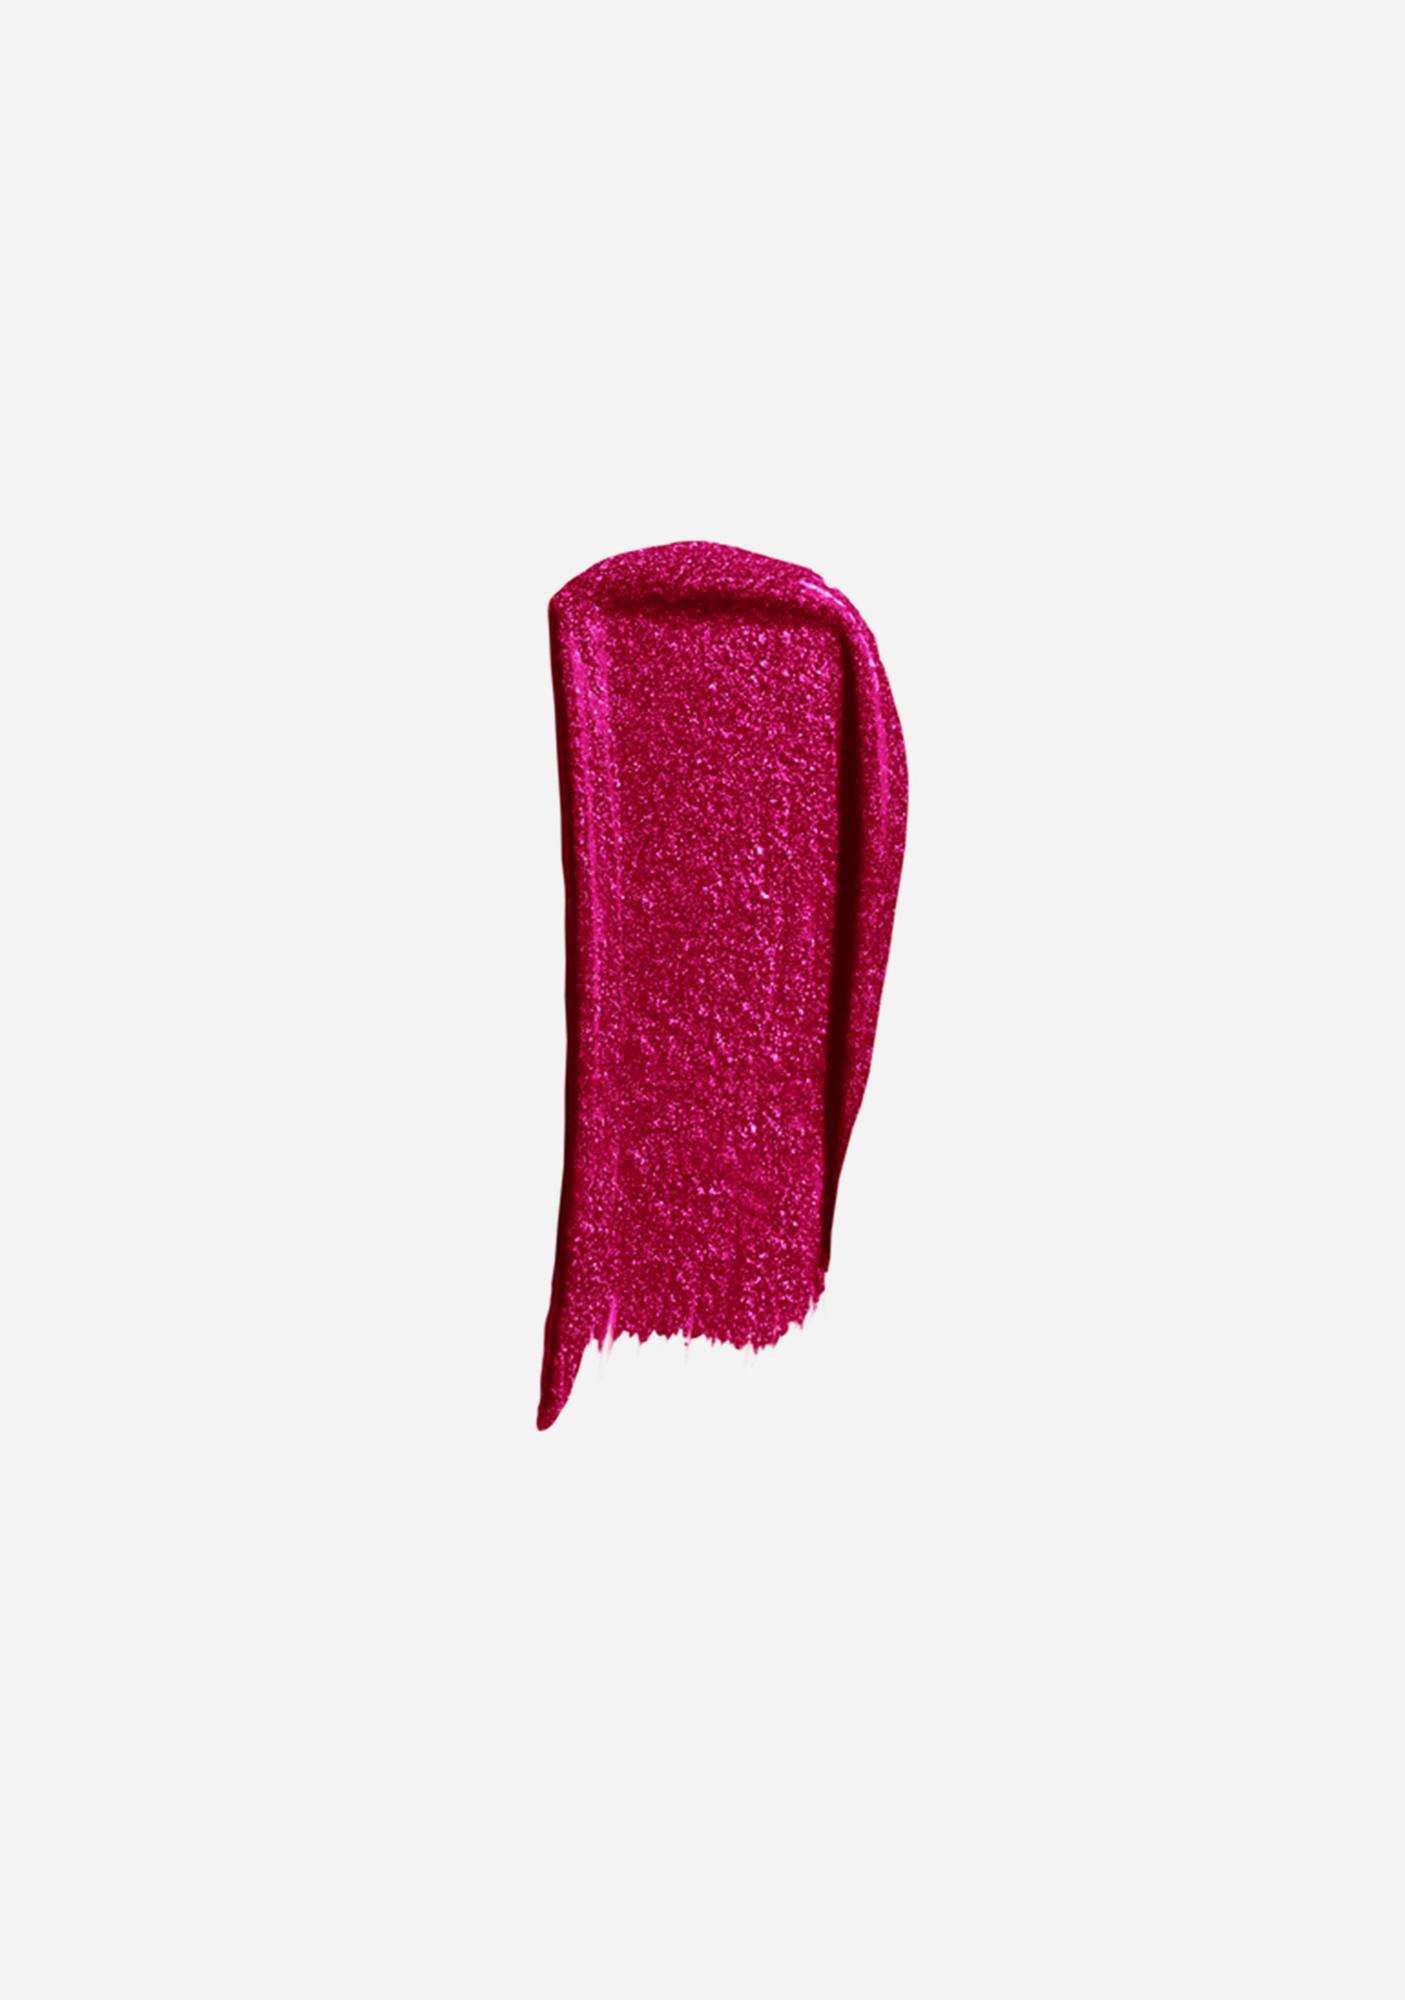 NYX Professional Makeup Reflector Glitter Goals Liquid Lipstick